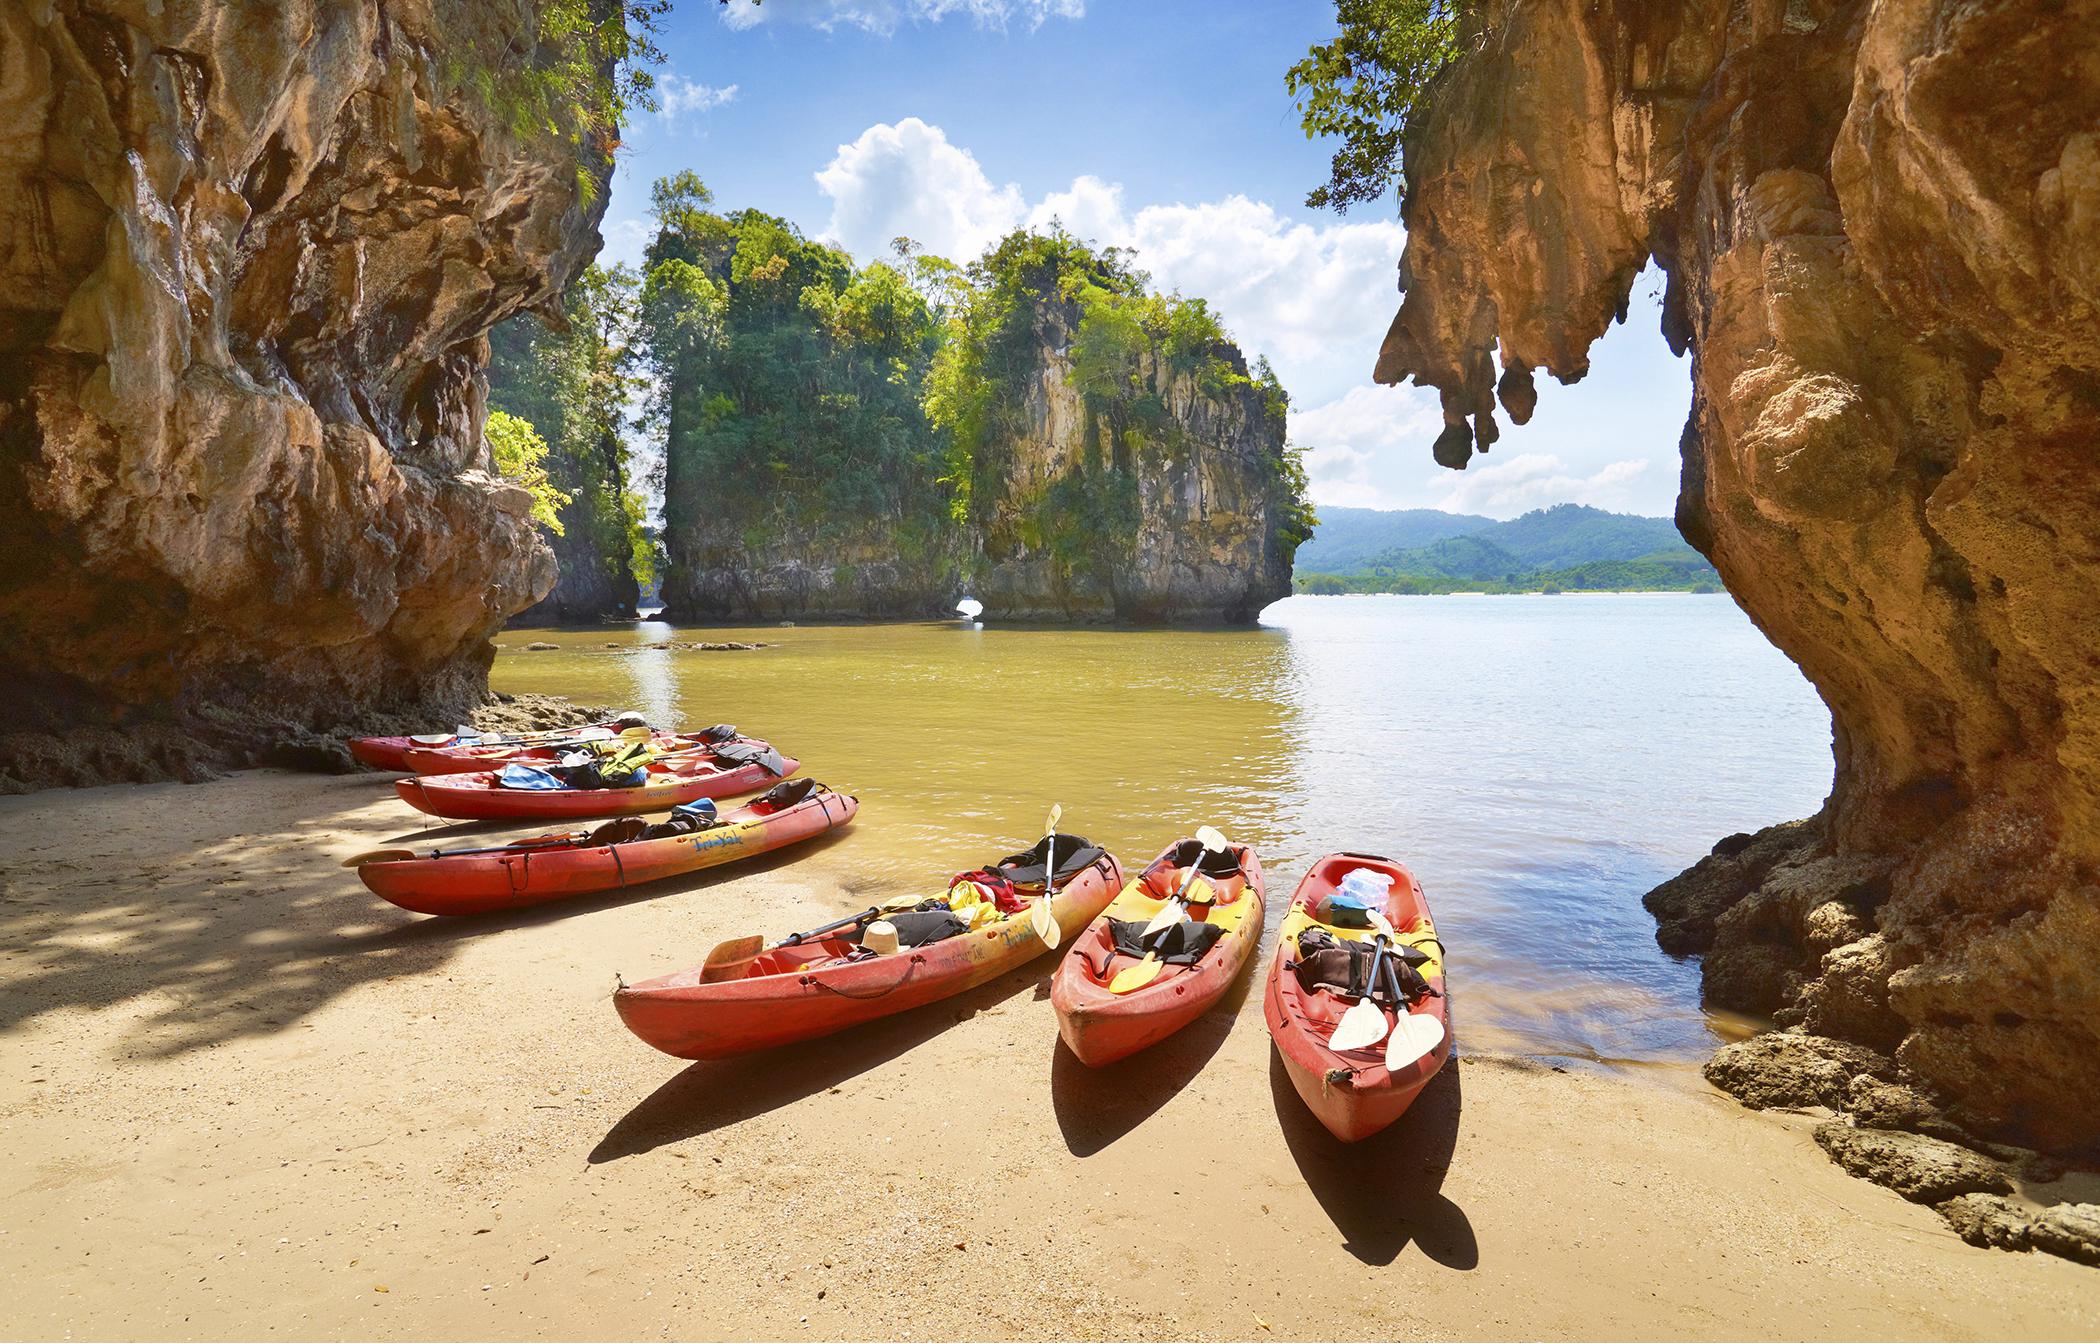 170316-travel-best-beaches-phuket-thailand